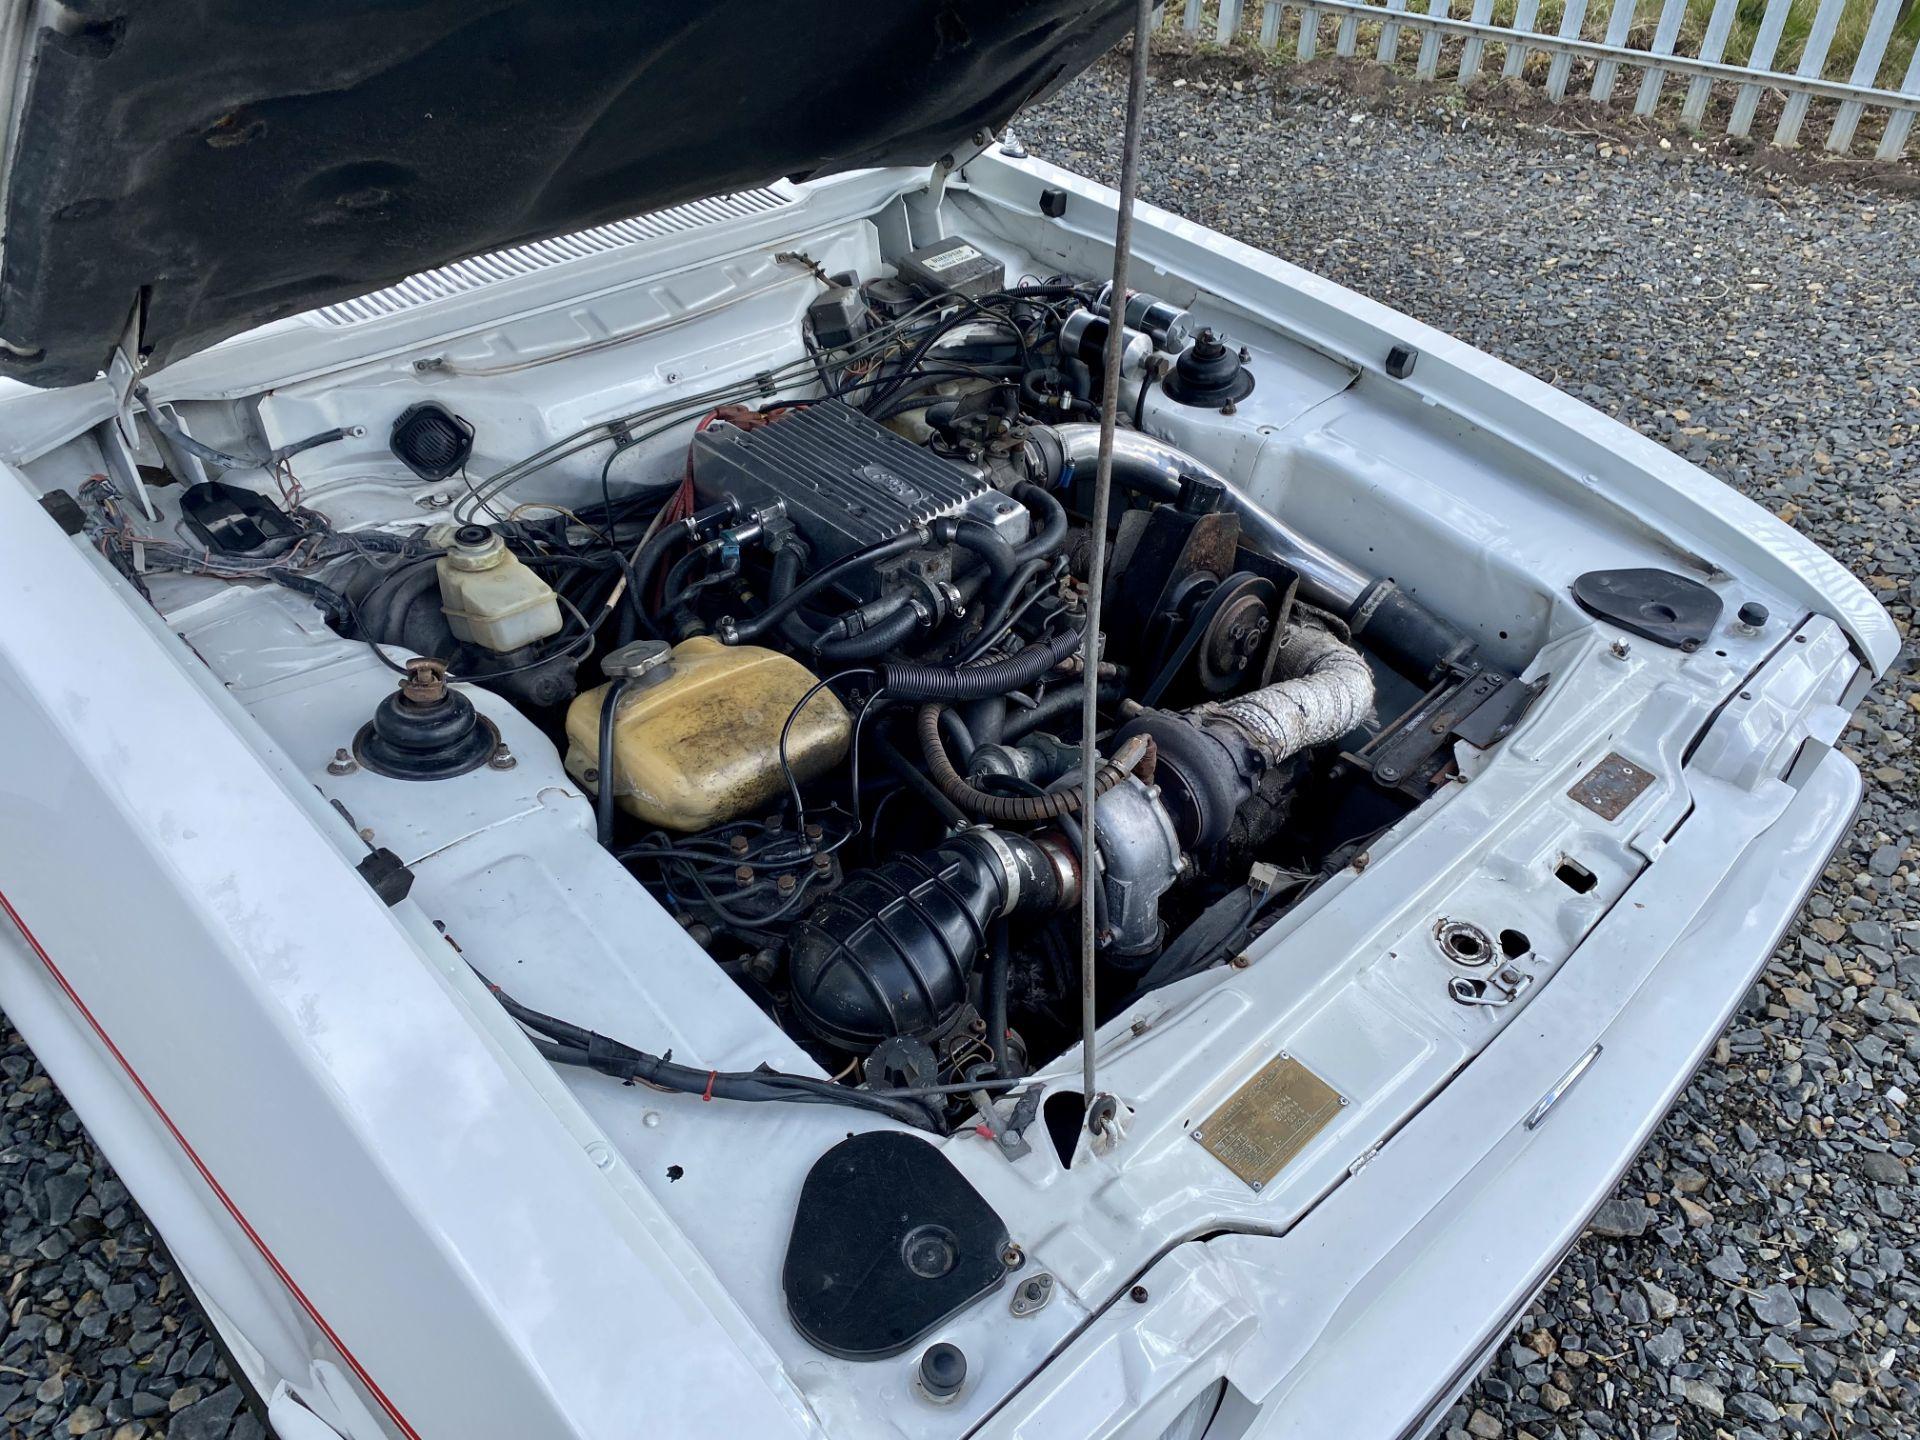 Ford Capri Tickford Turbo - Image 62 of 62